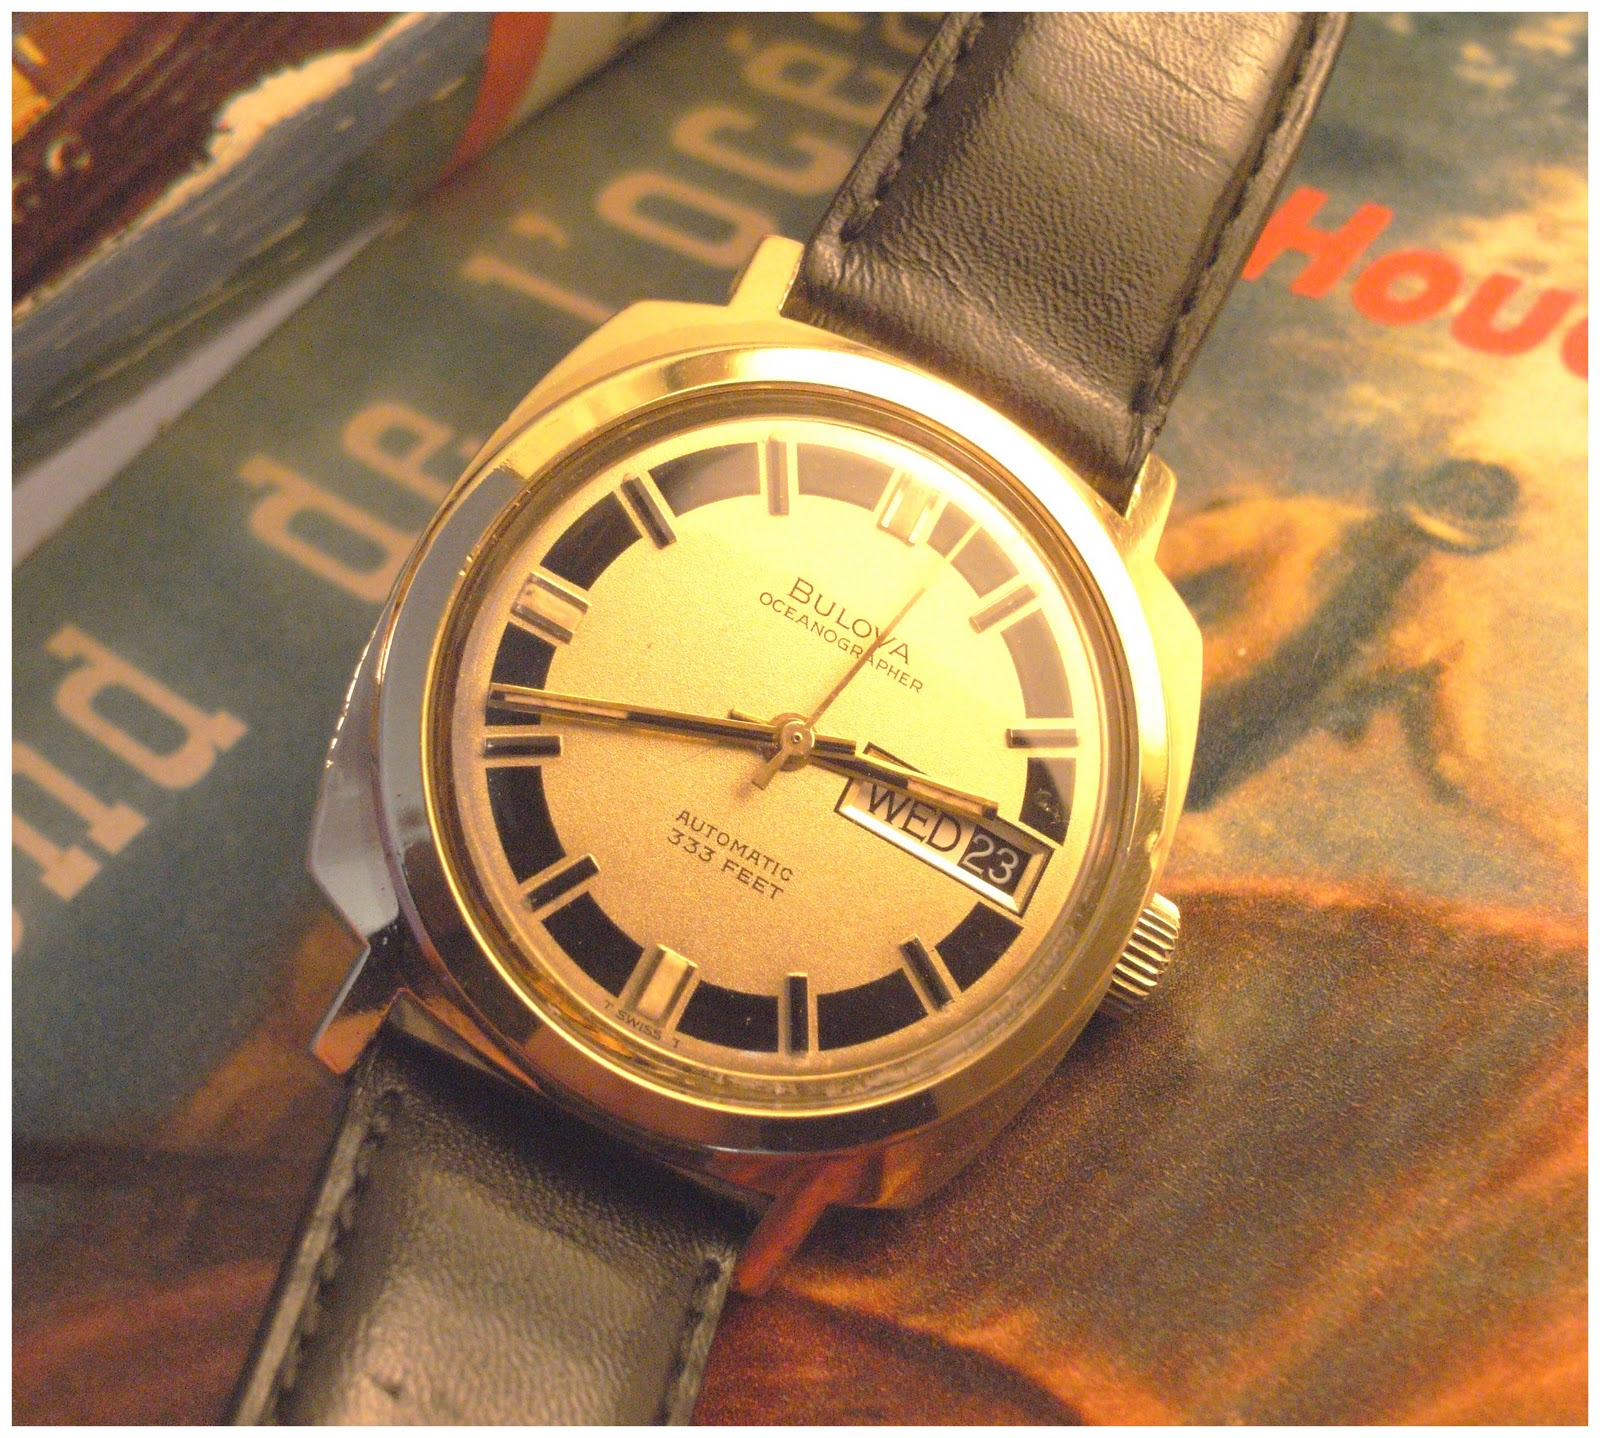 montres m caniques vintage les montres que vous ne pourrez plus acheter. Black Bedroom Furniture Sets. Home Design Ideas